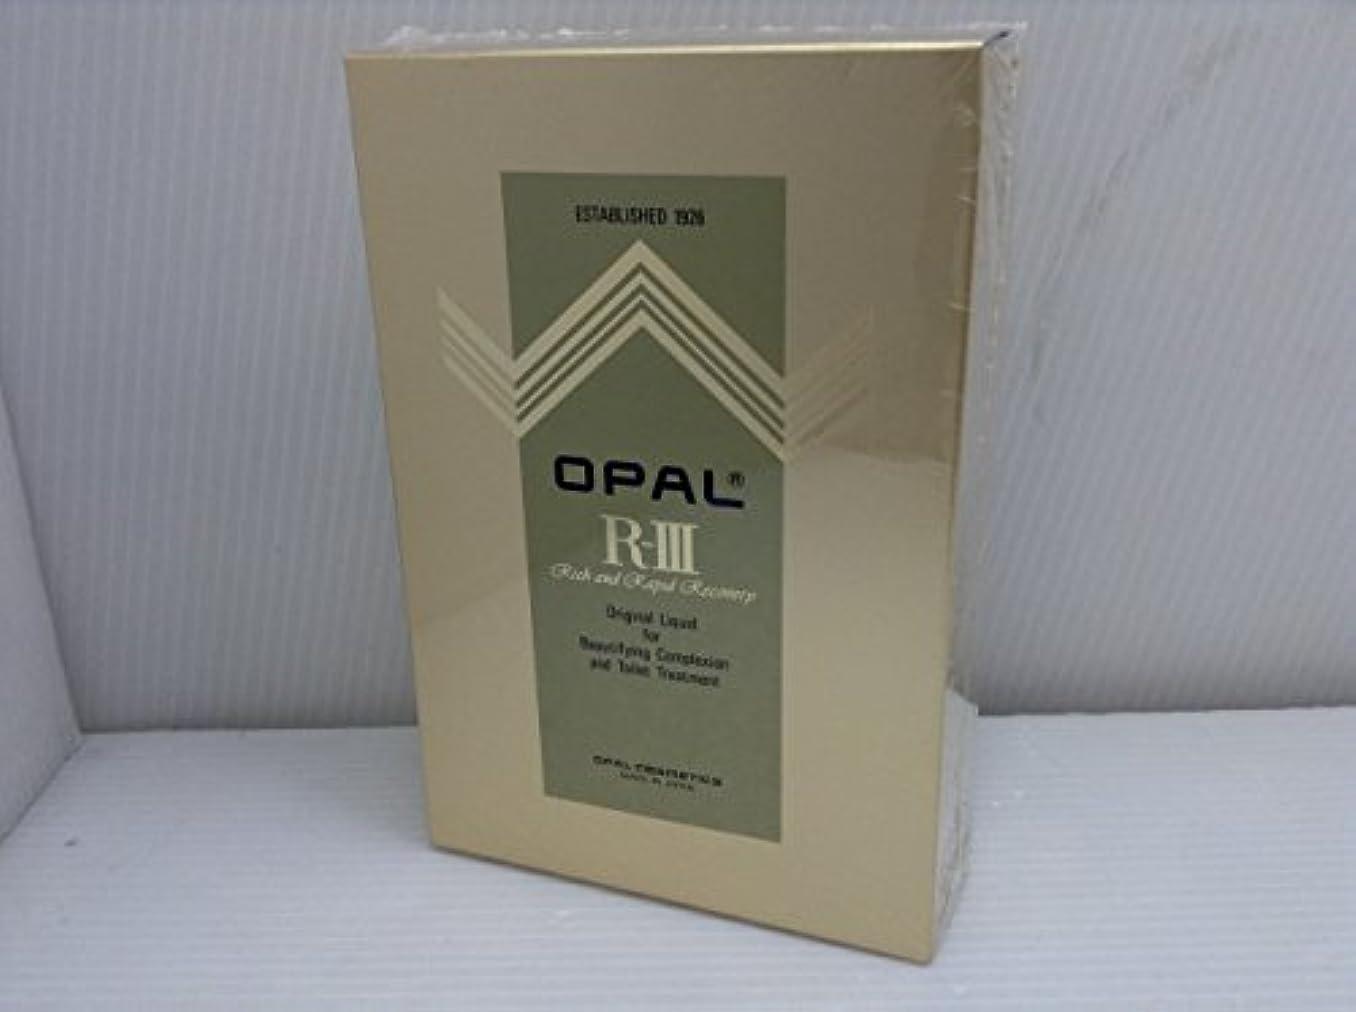 アヒルラッドヤードキップリング北へオパール化粧品 美容原液 薬用オパール R-III (460ml)